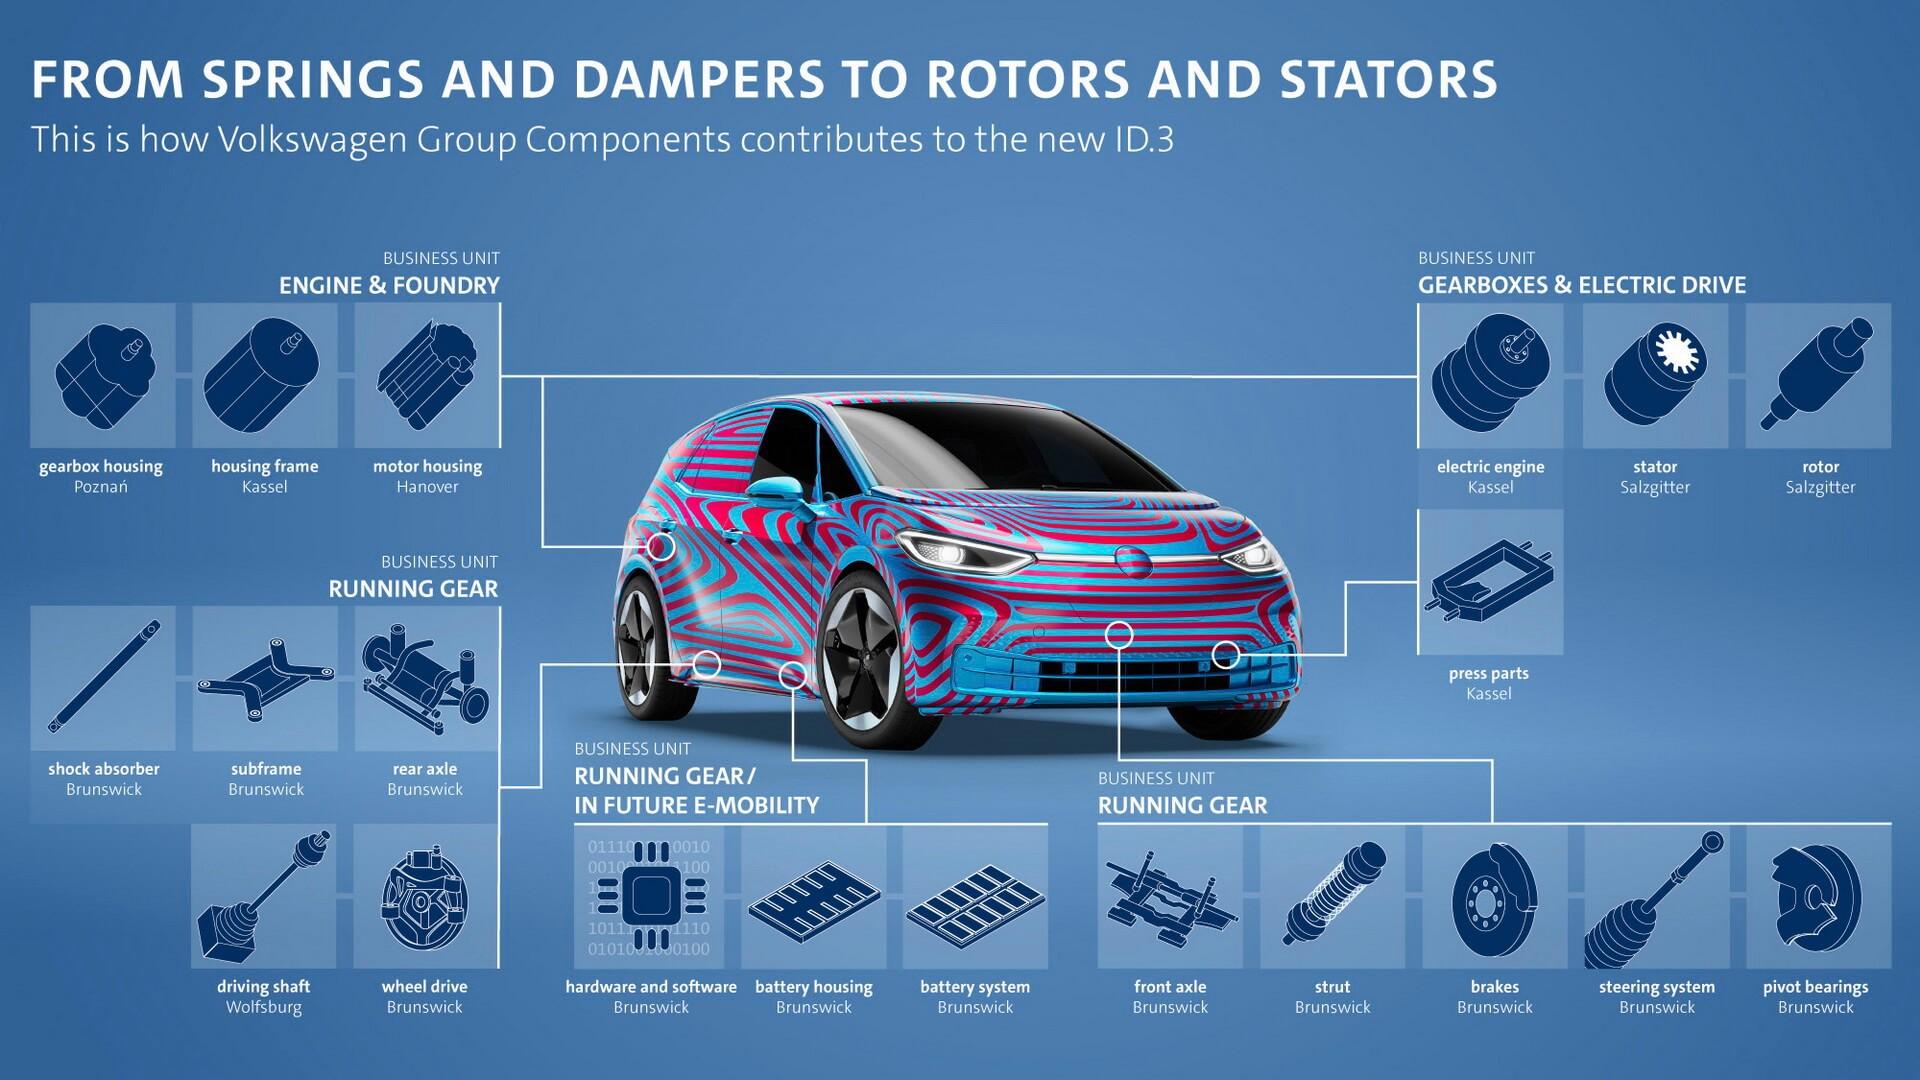 Volkswagen Group Components поставляет многочисленные компоненты и детали для производства Volkswagen ID.3